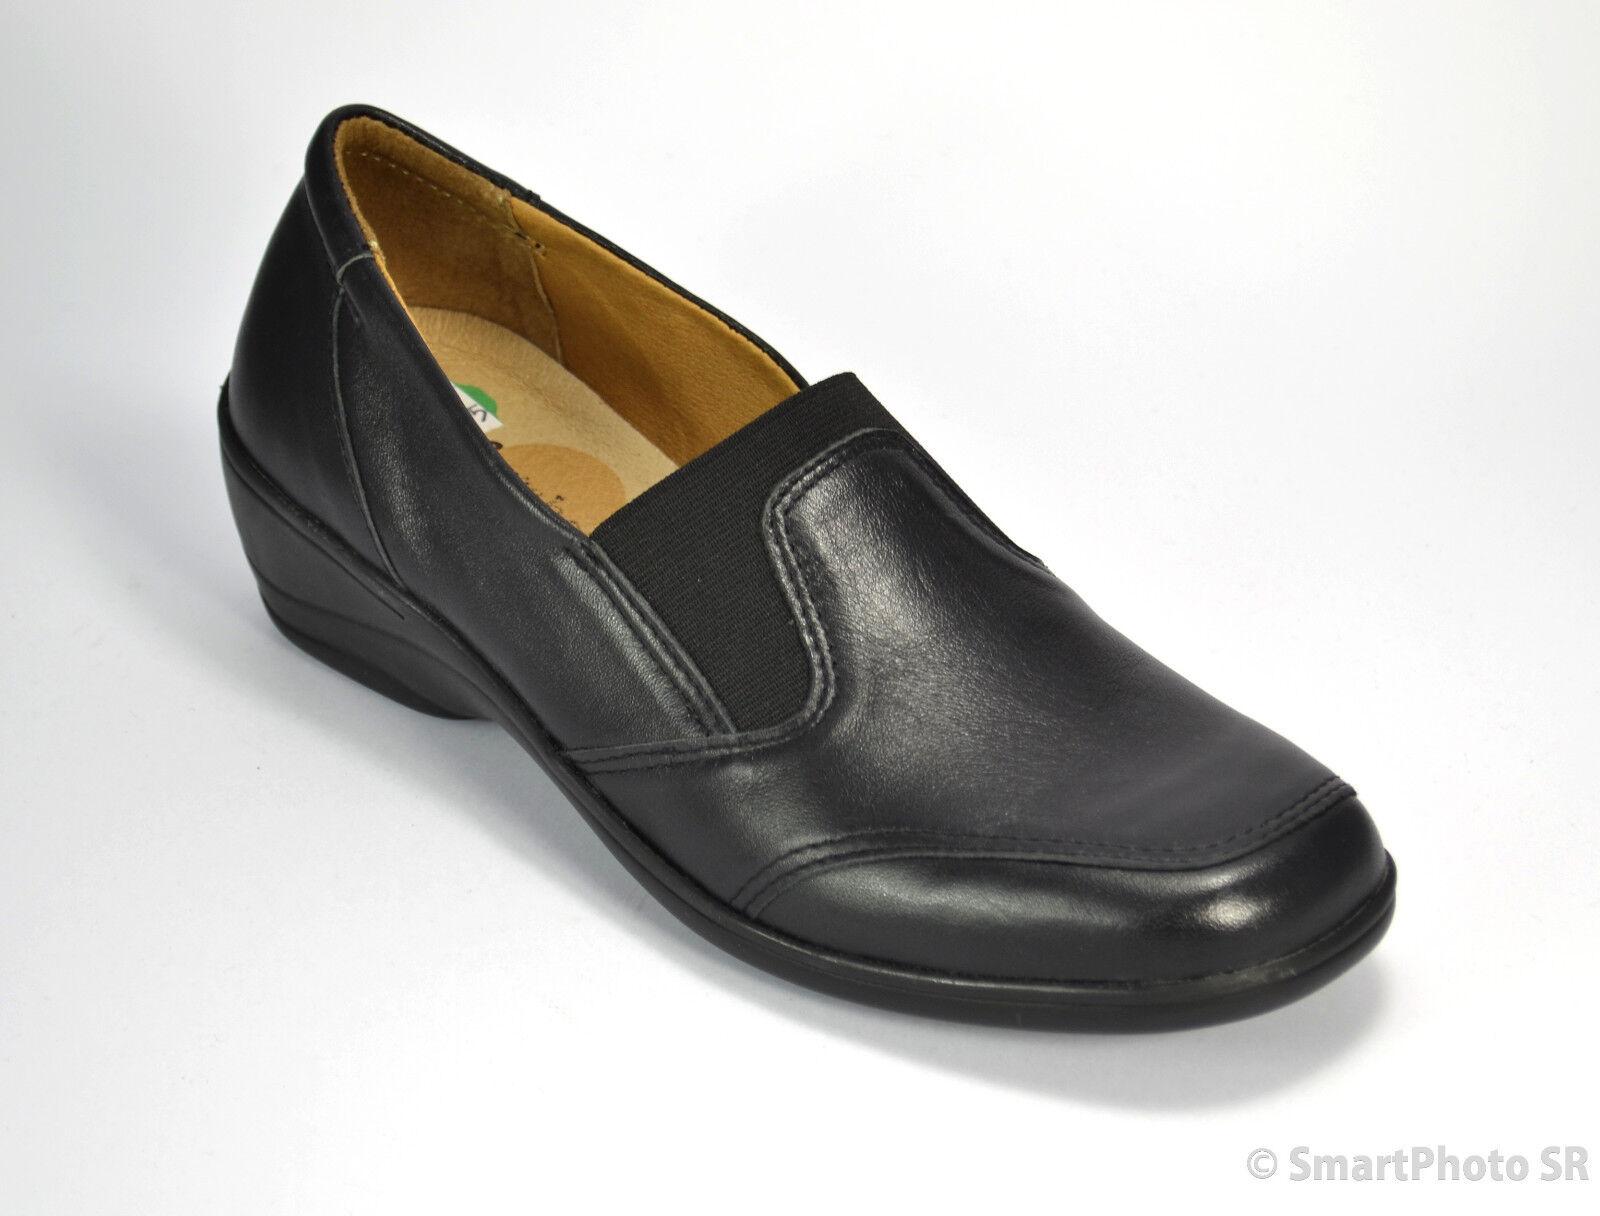 Zapatos señora zapatos comfortabel para lotes depósitos cuero negro 1371 Gr. 37 (PE 1371 negro s) ee2a71